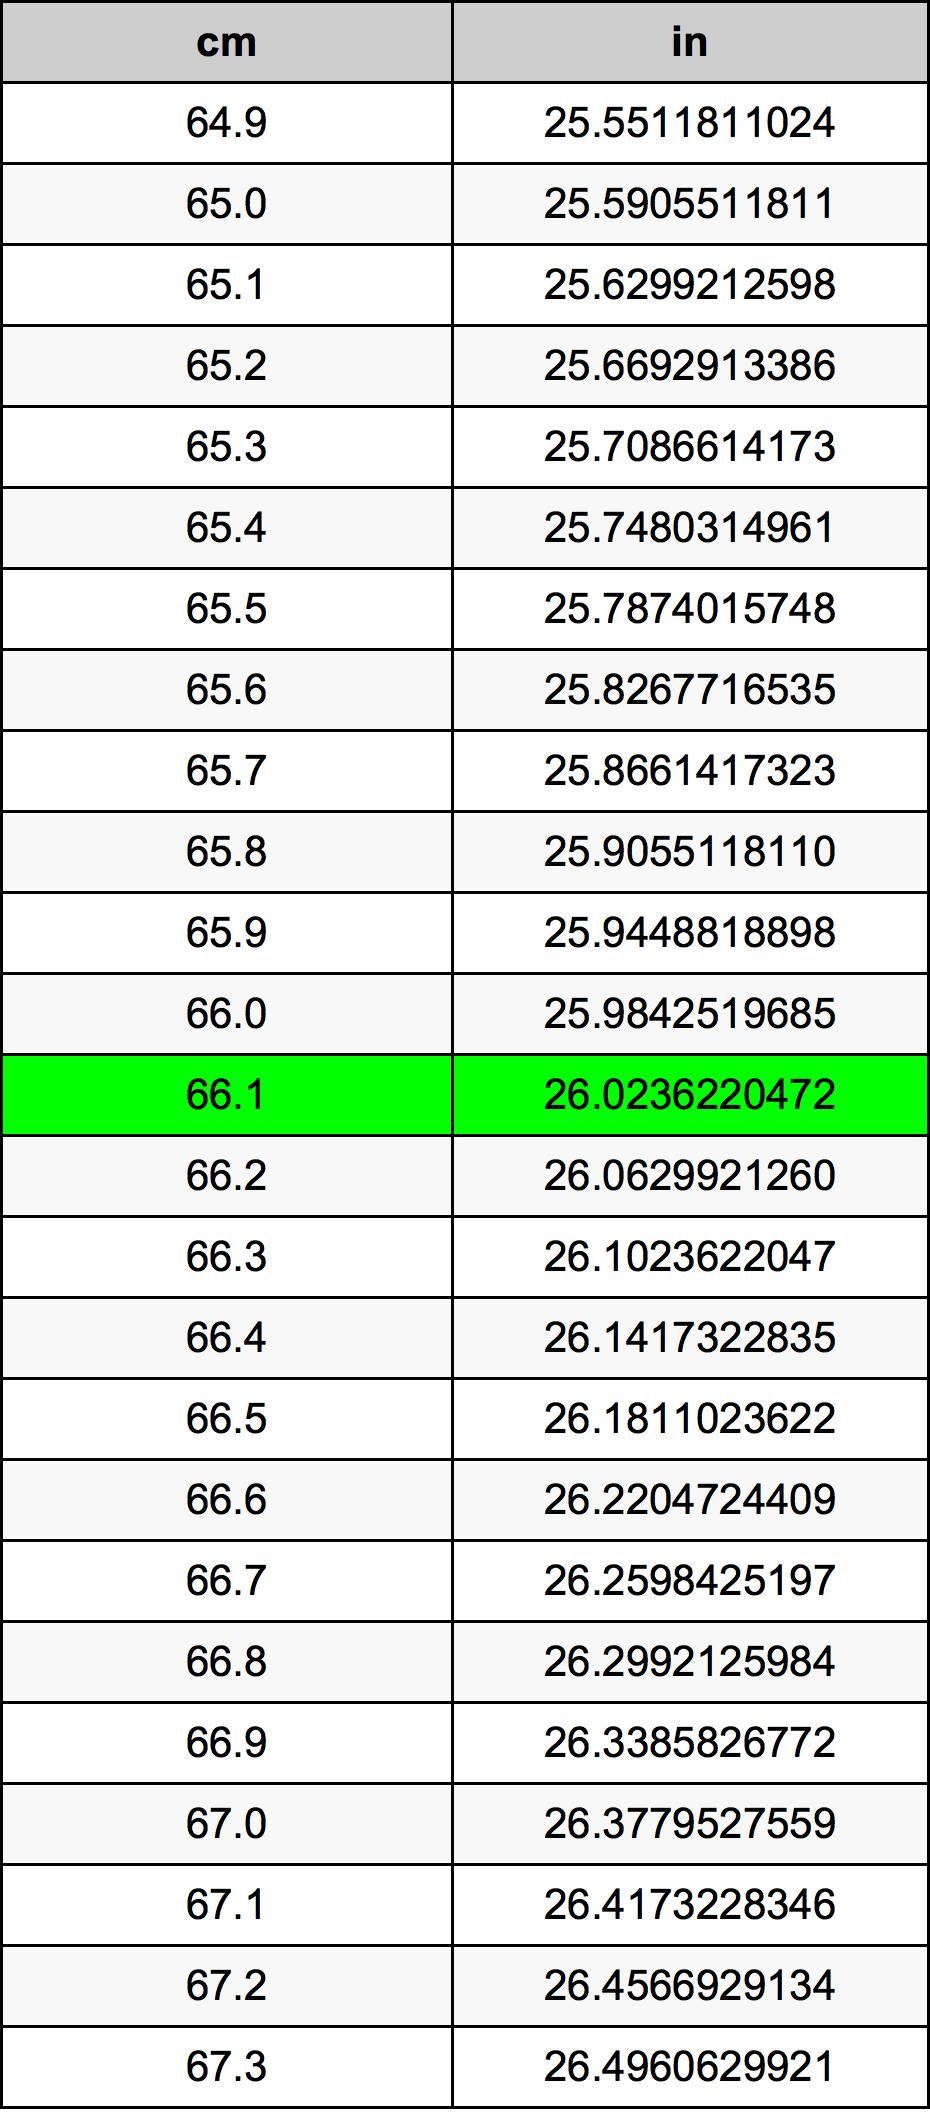 66.1เซนติเมตรตารางการแปลง